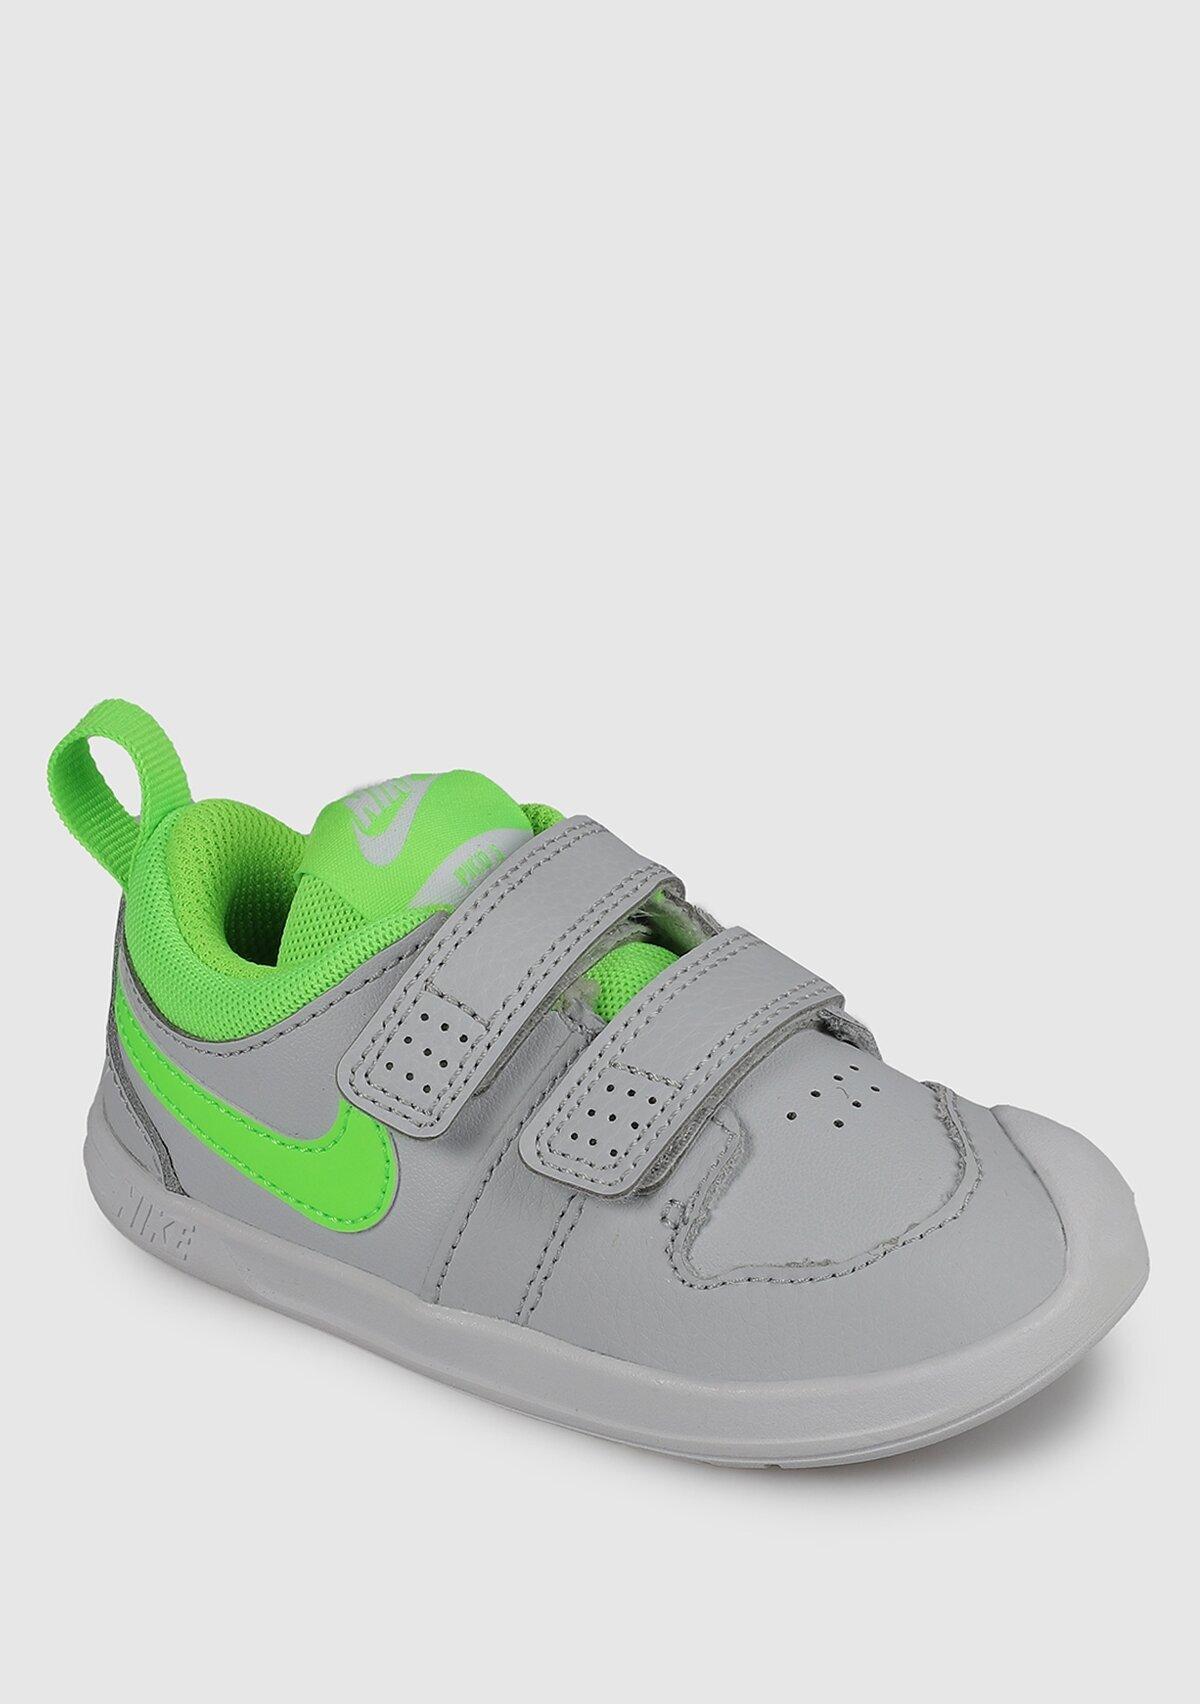 resm Pico 5 Gri Unisex Spor Ayakkabısı Ar4162-002